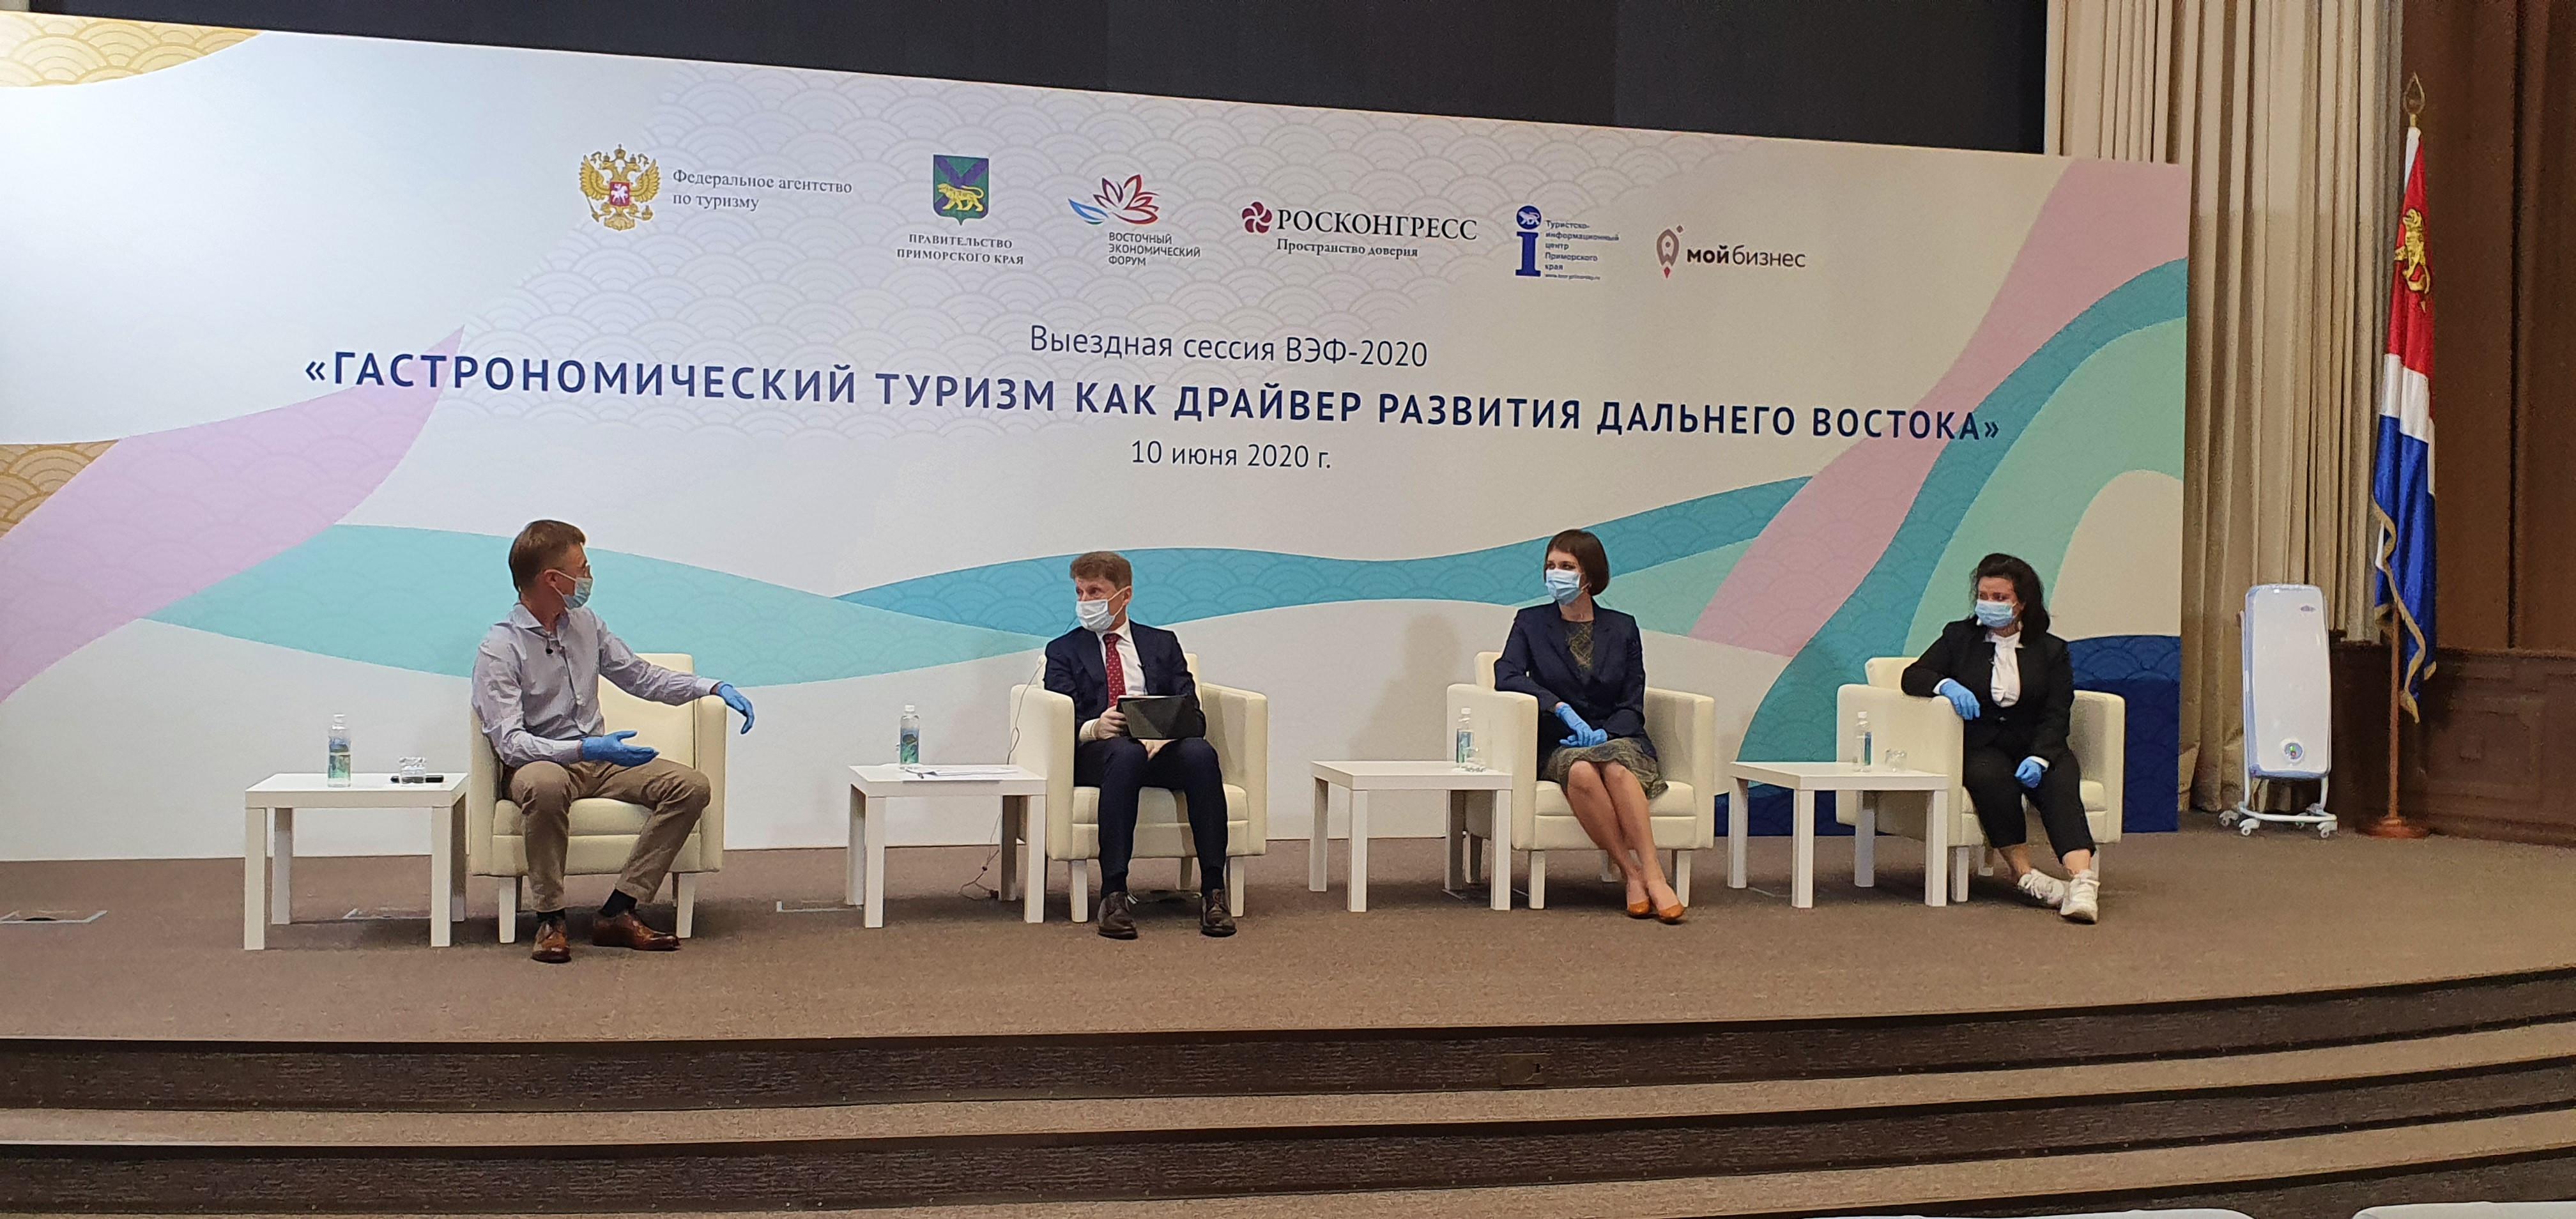 Итоги выездной сессии ВЭФ: феномен дальневосточной кухни может объединить все субъекты региона